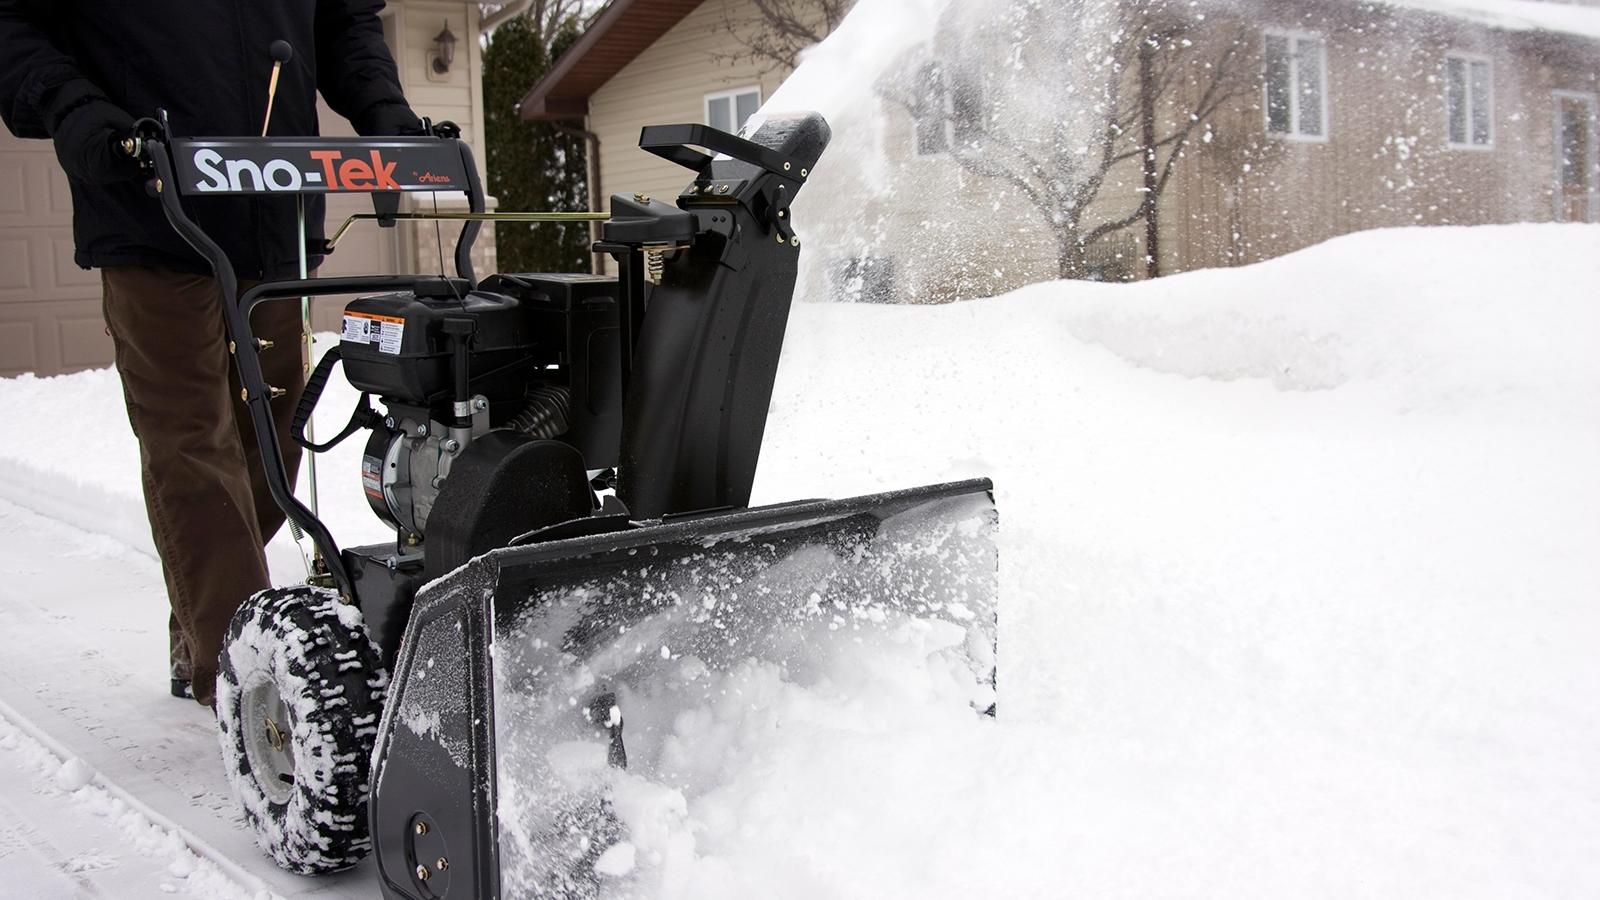 Электрический снегоуборщик для дома: рейтинг лучших моделей по отзывам владельцев